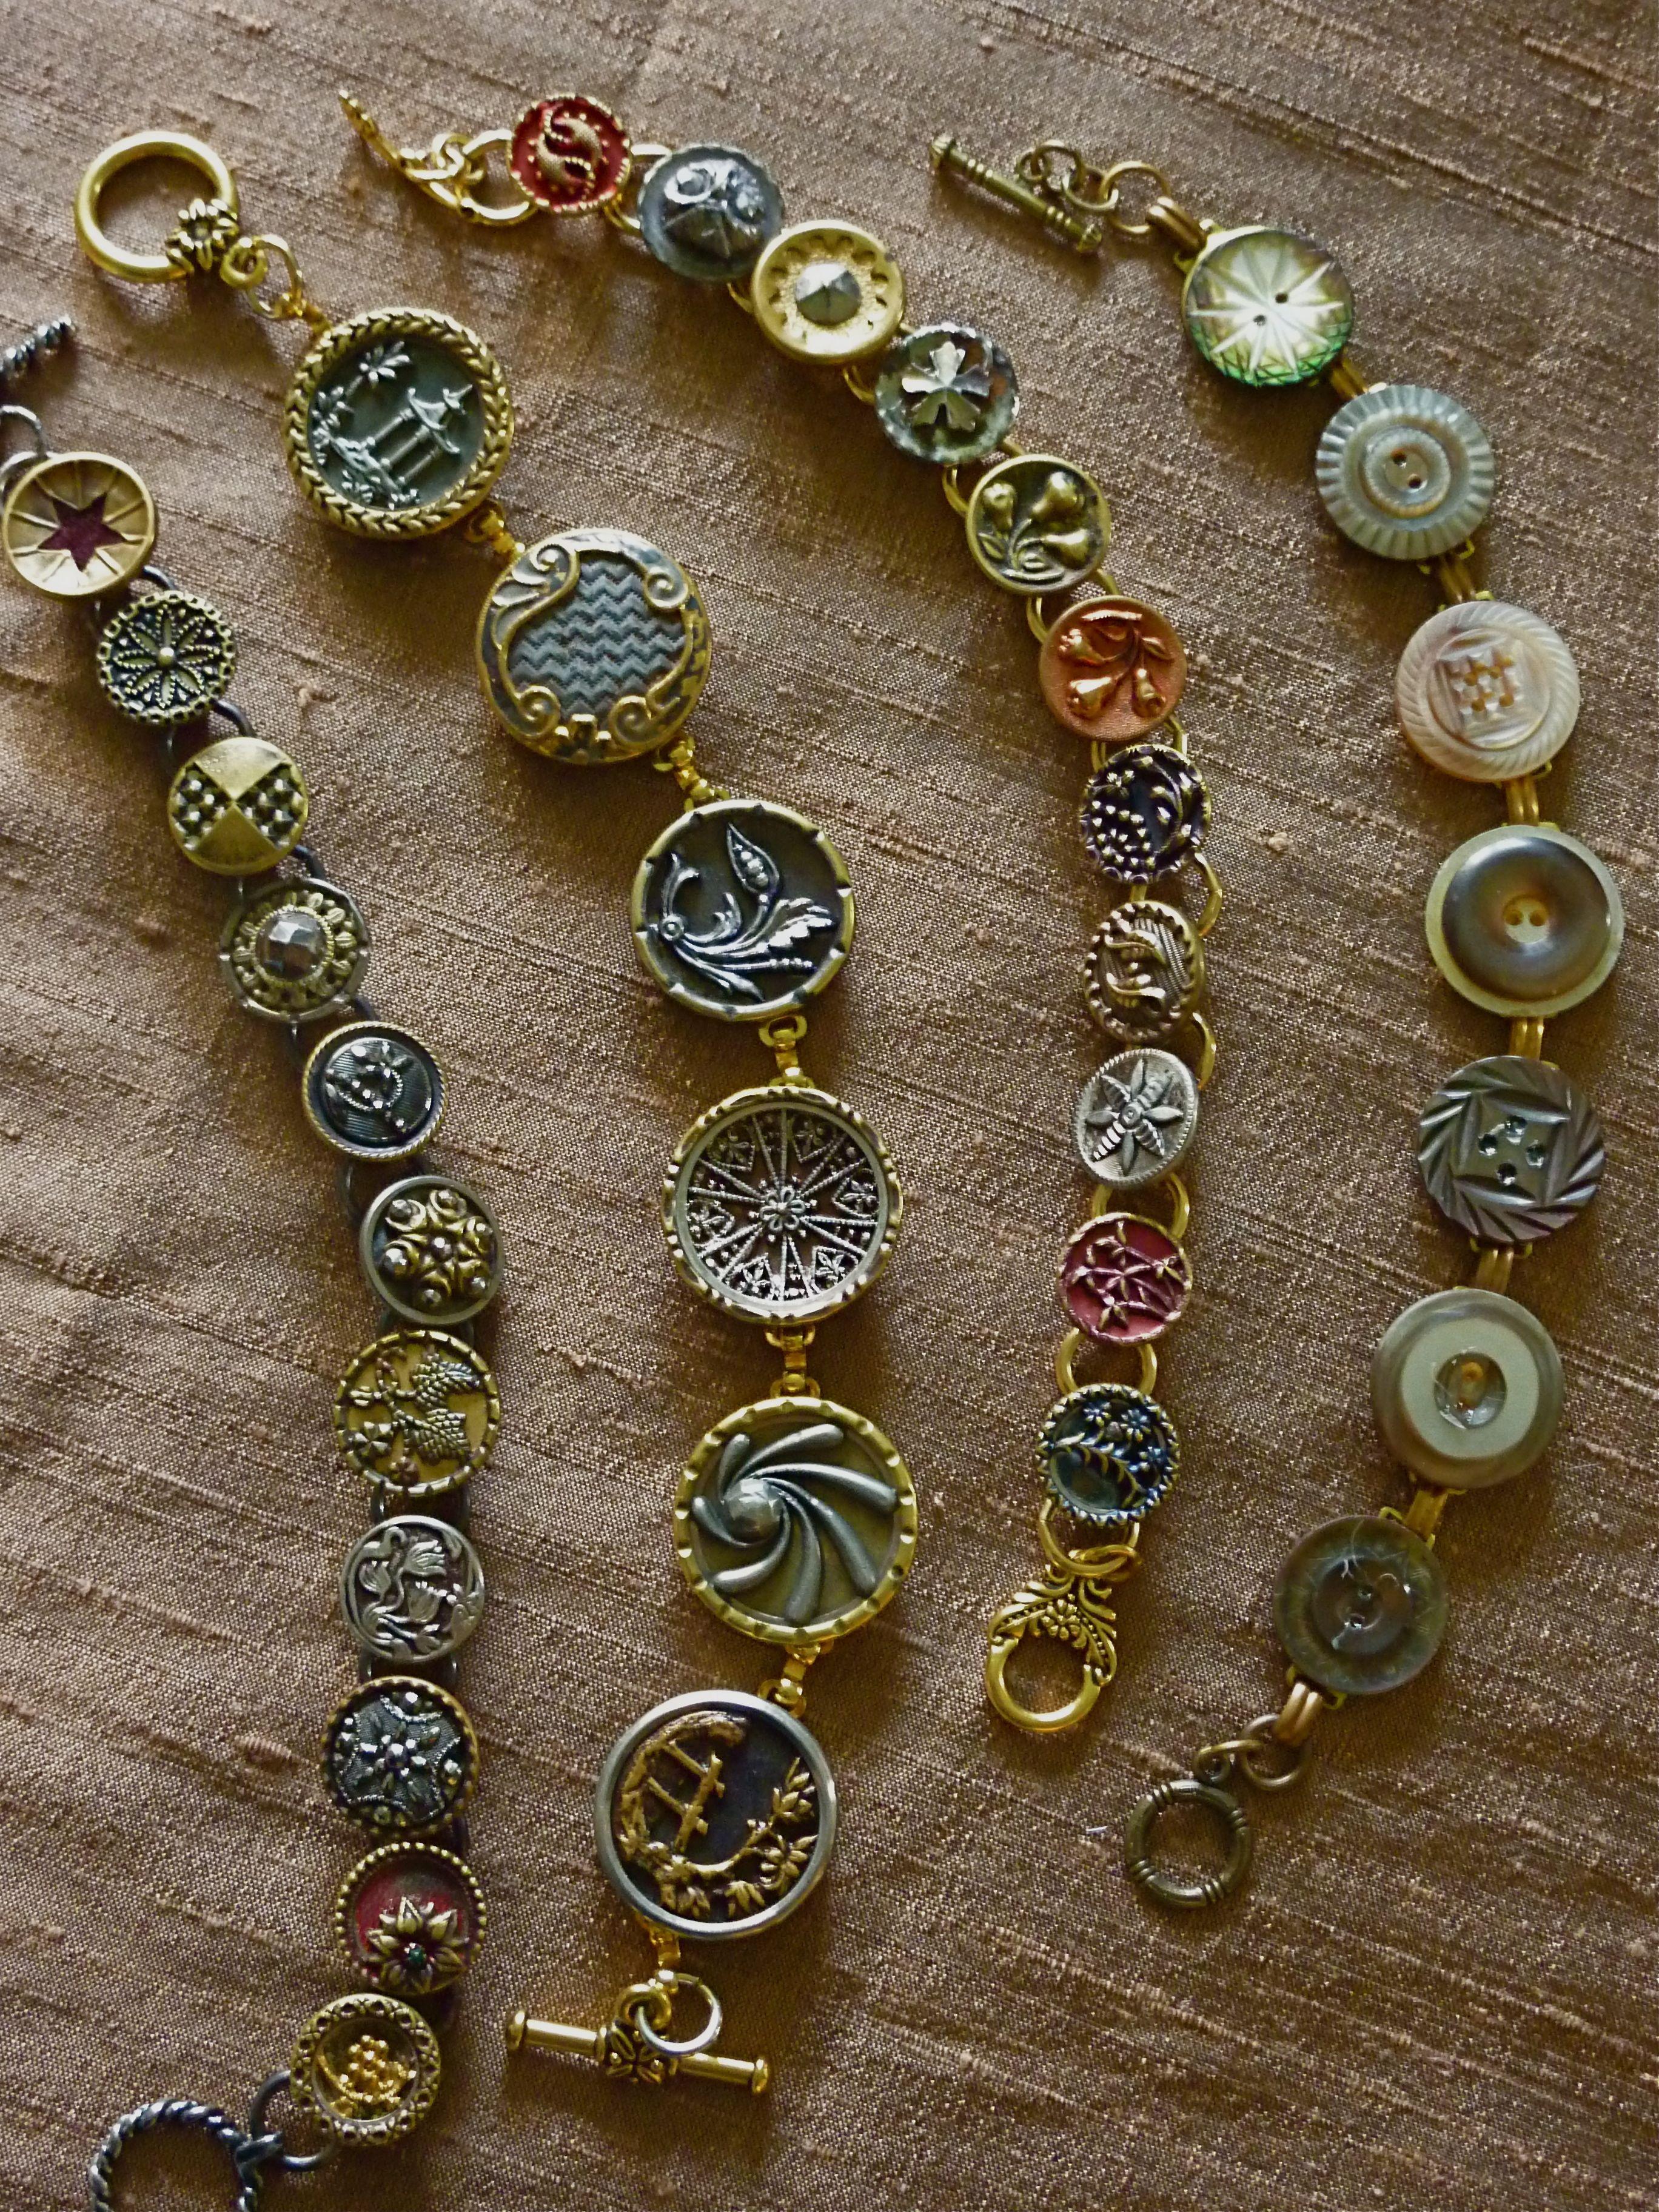 Vintage button pendant bracelets